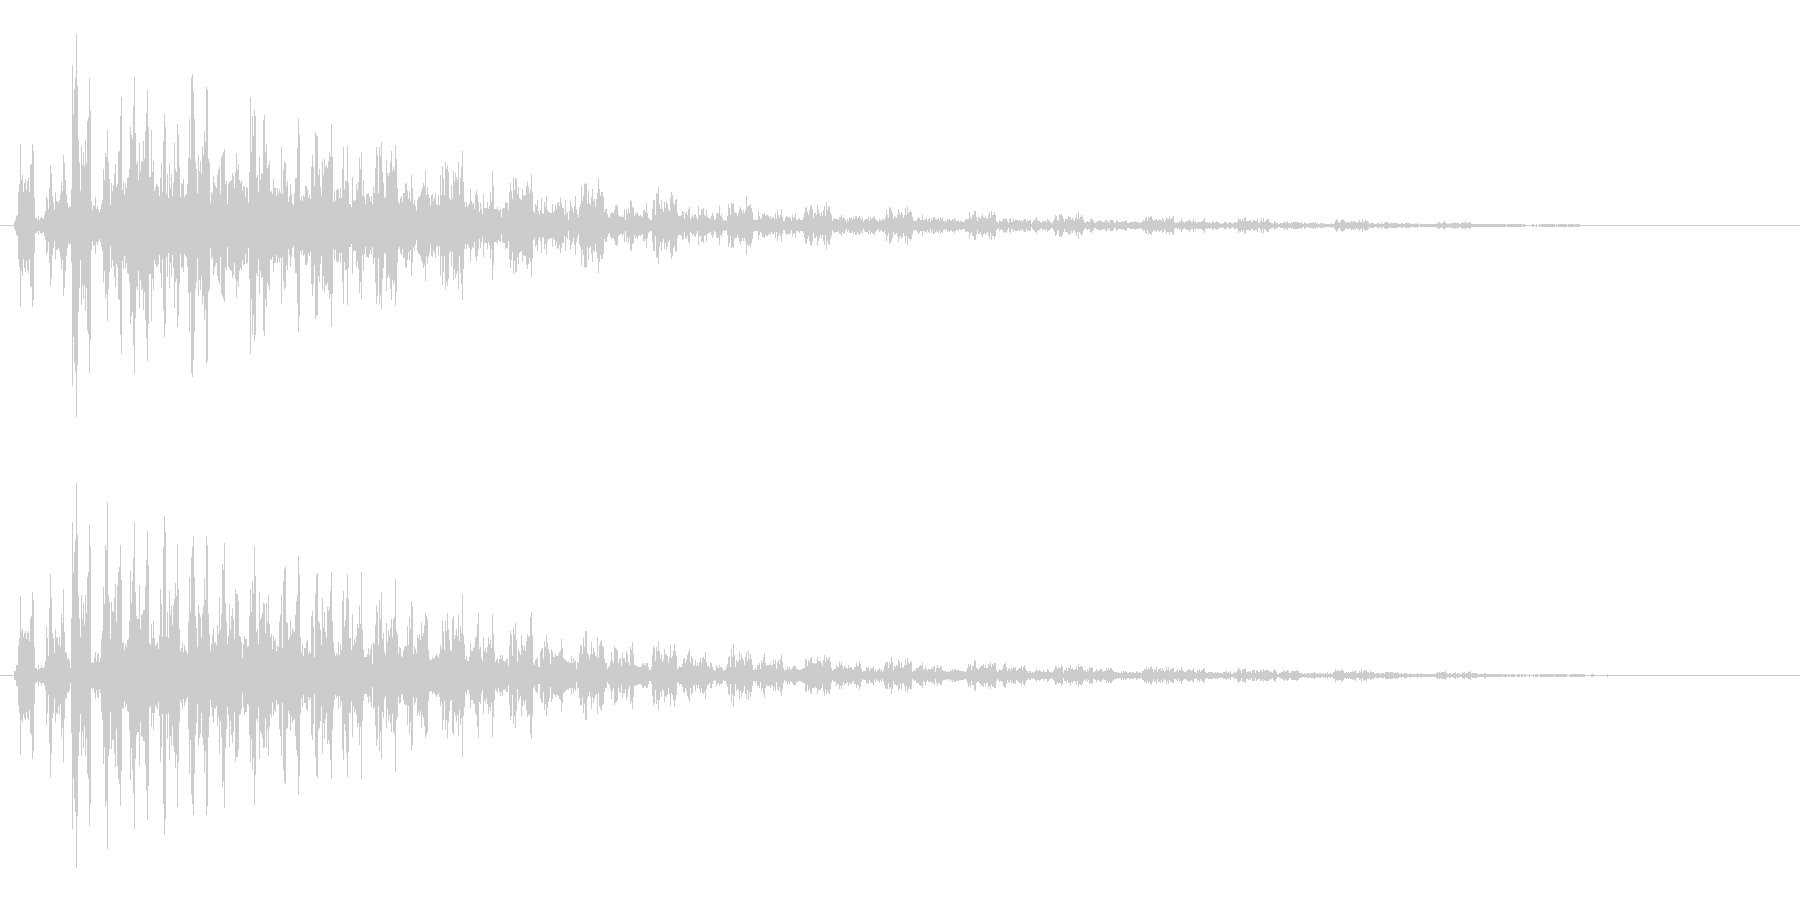 ガルルルル〜ンという効果音の未再生の波形